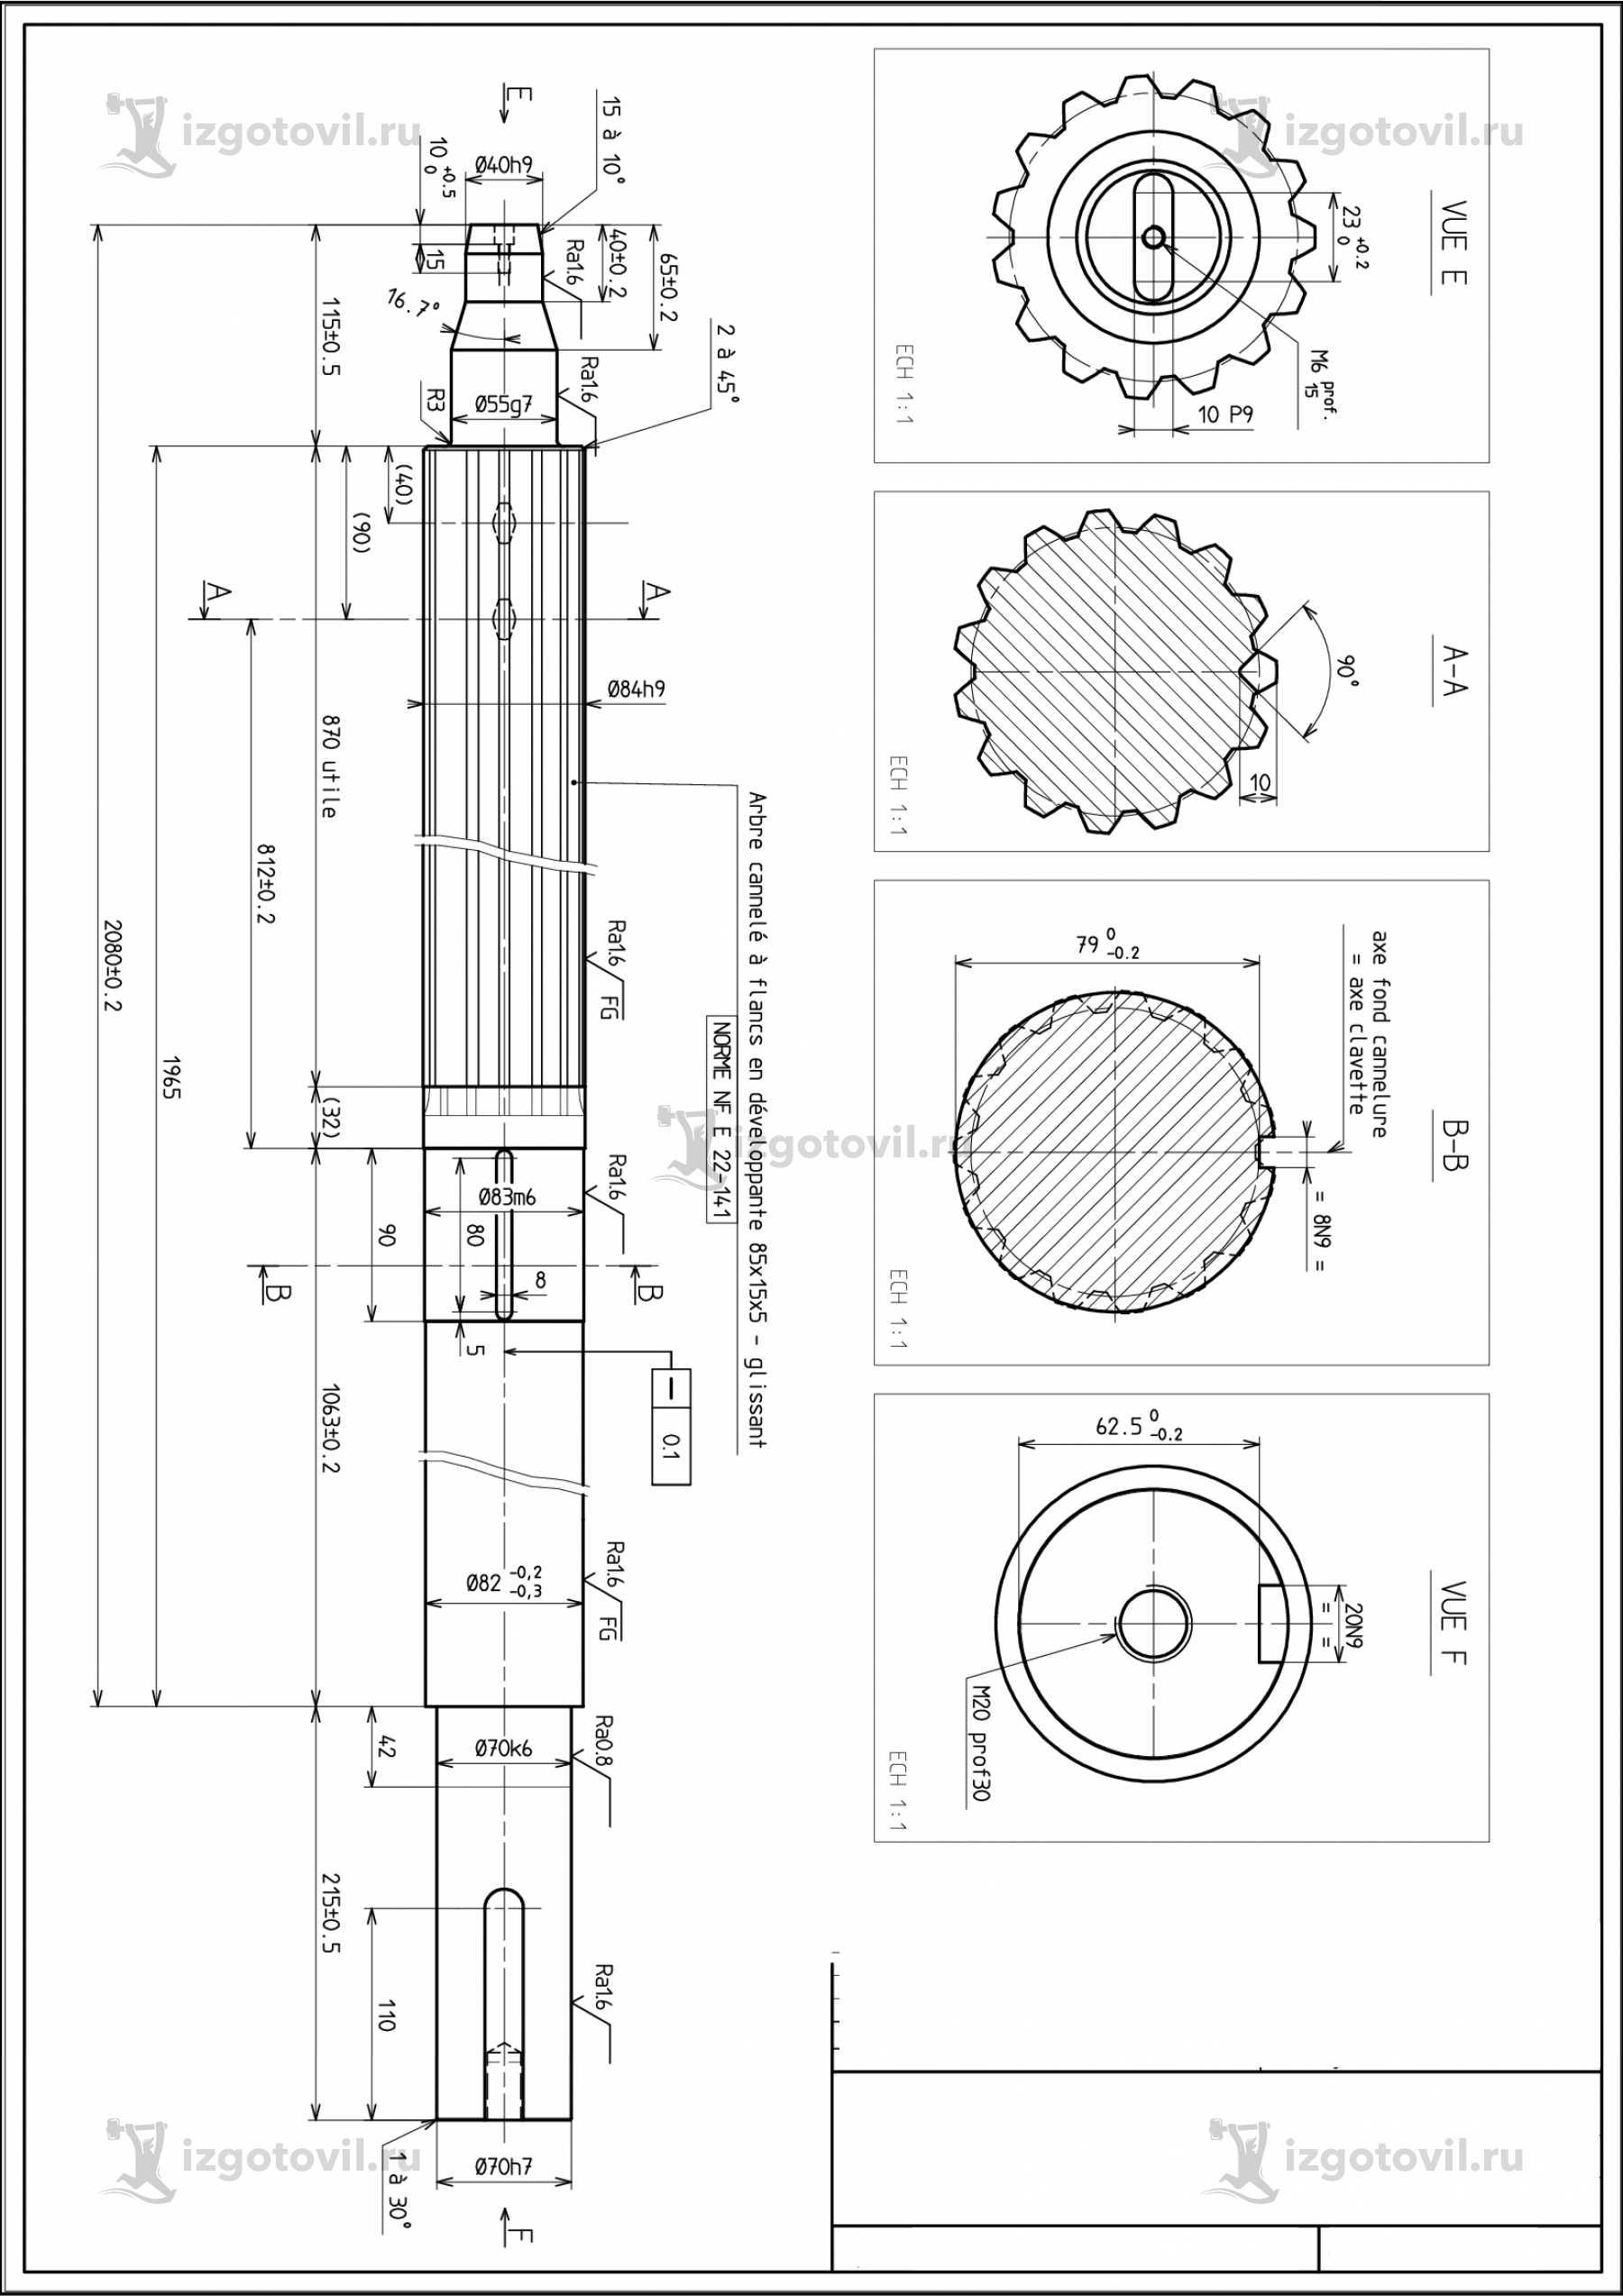 Токарно-фрезерная обработка- изготовление вала